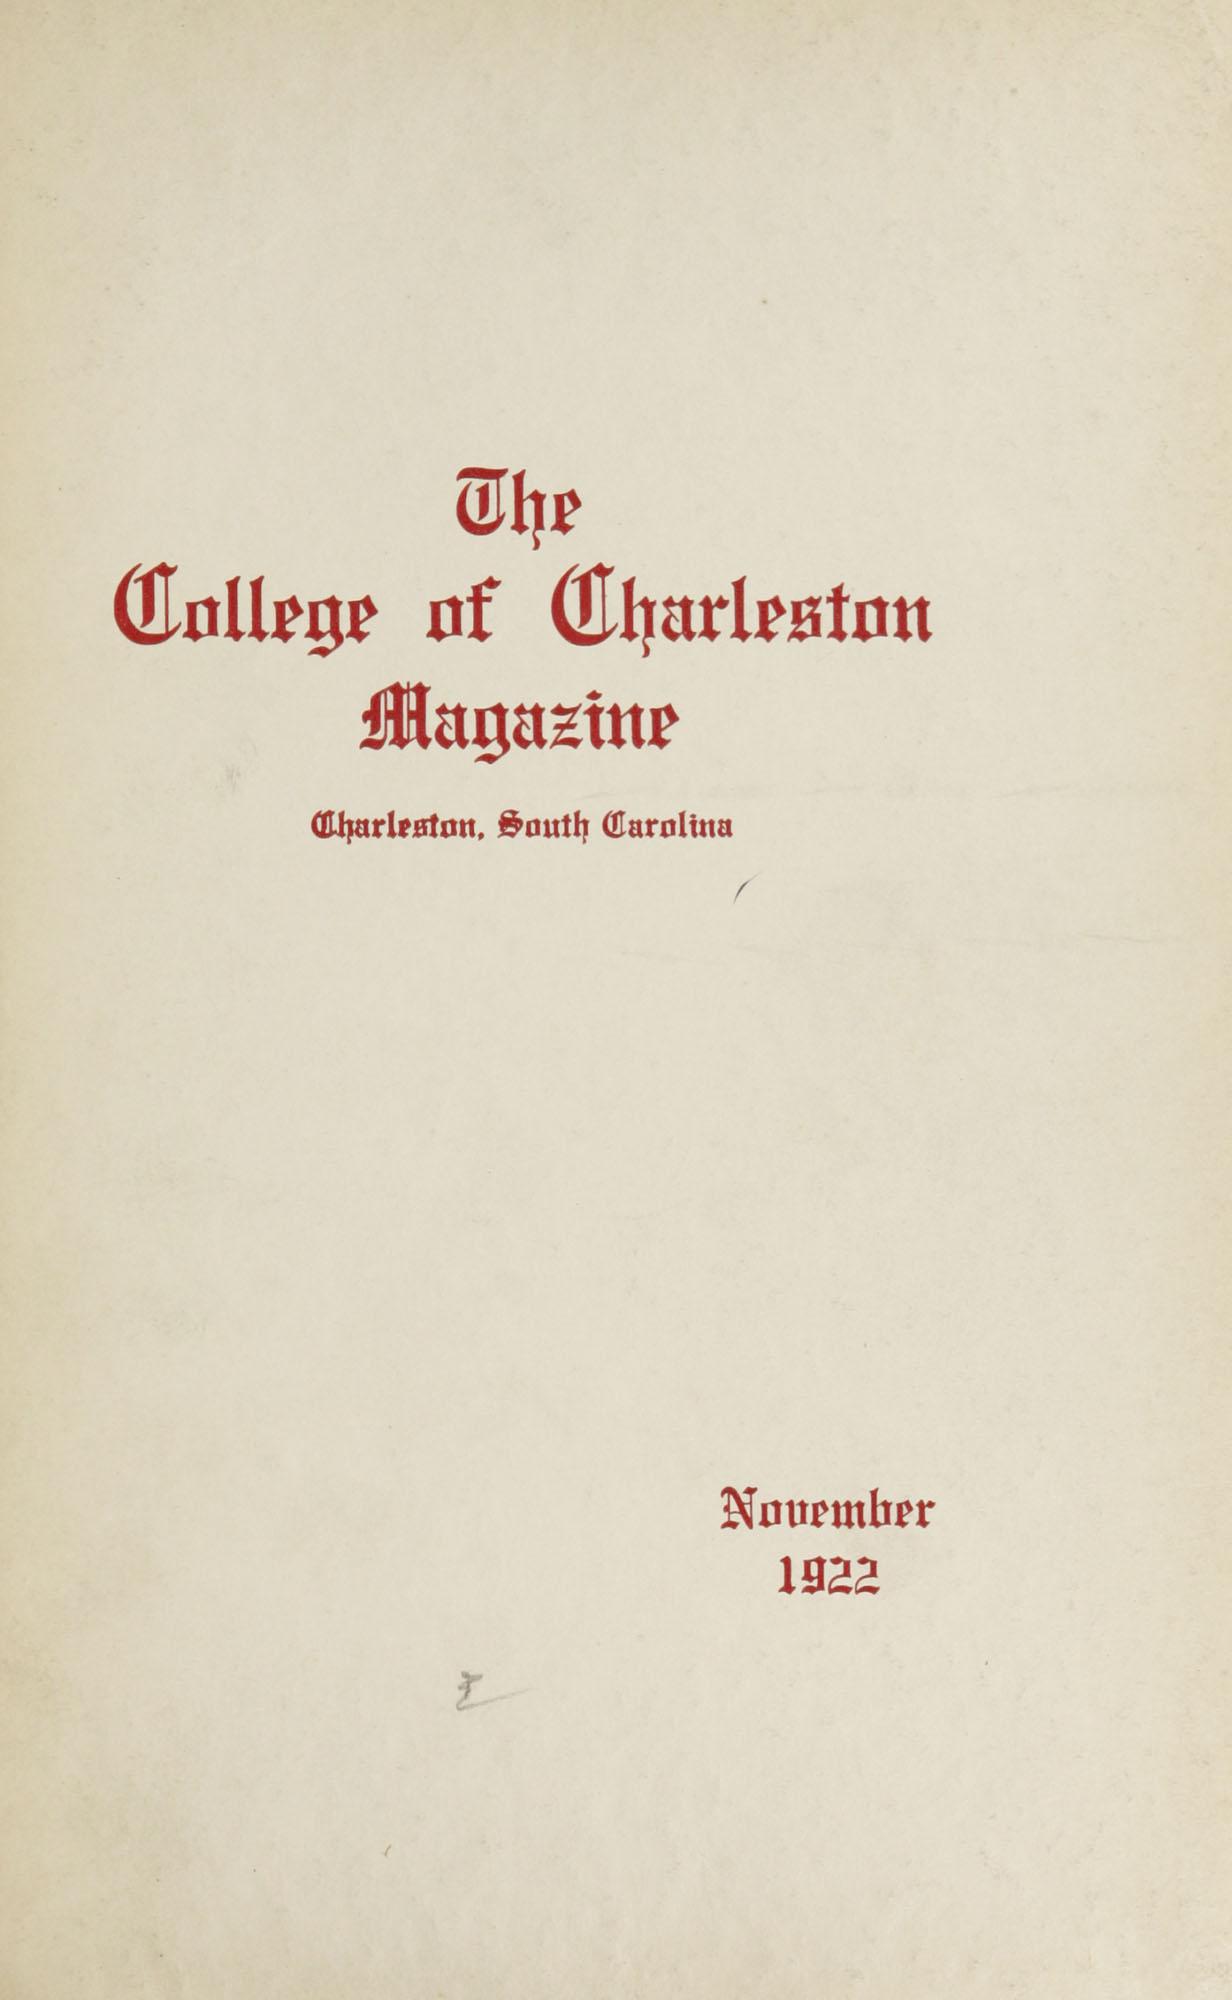 College of Charleston Magazine, 1922-1923